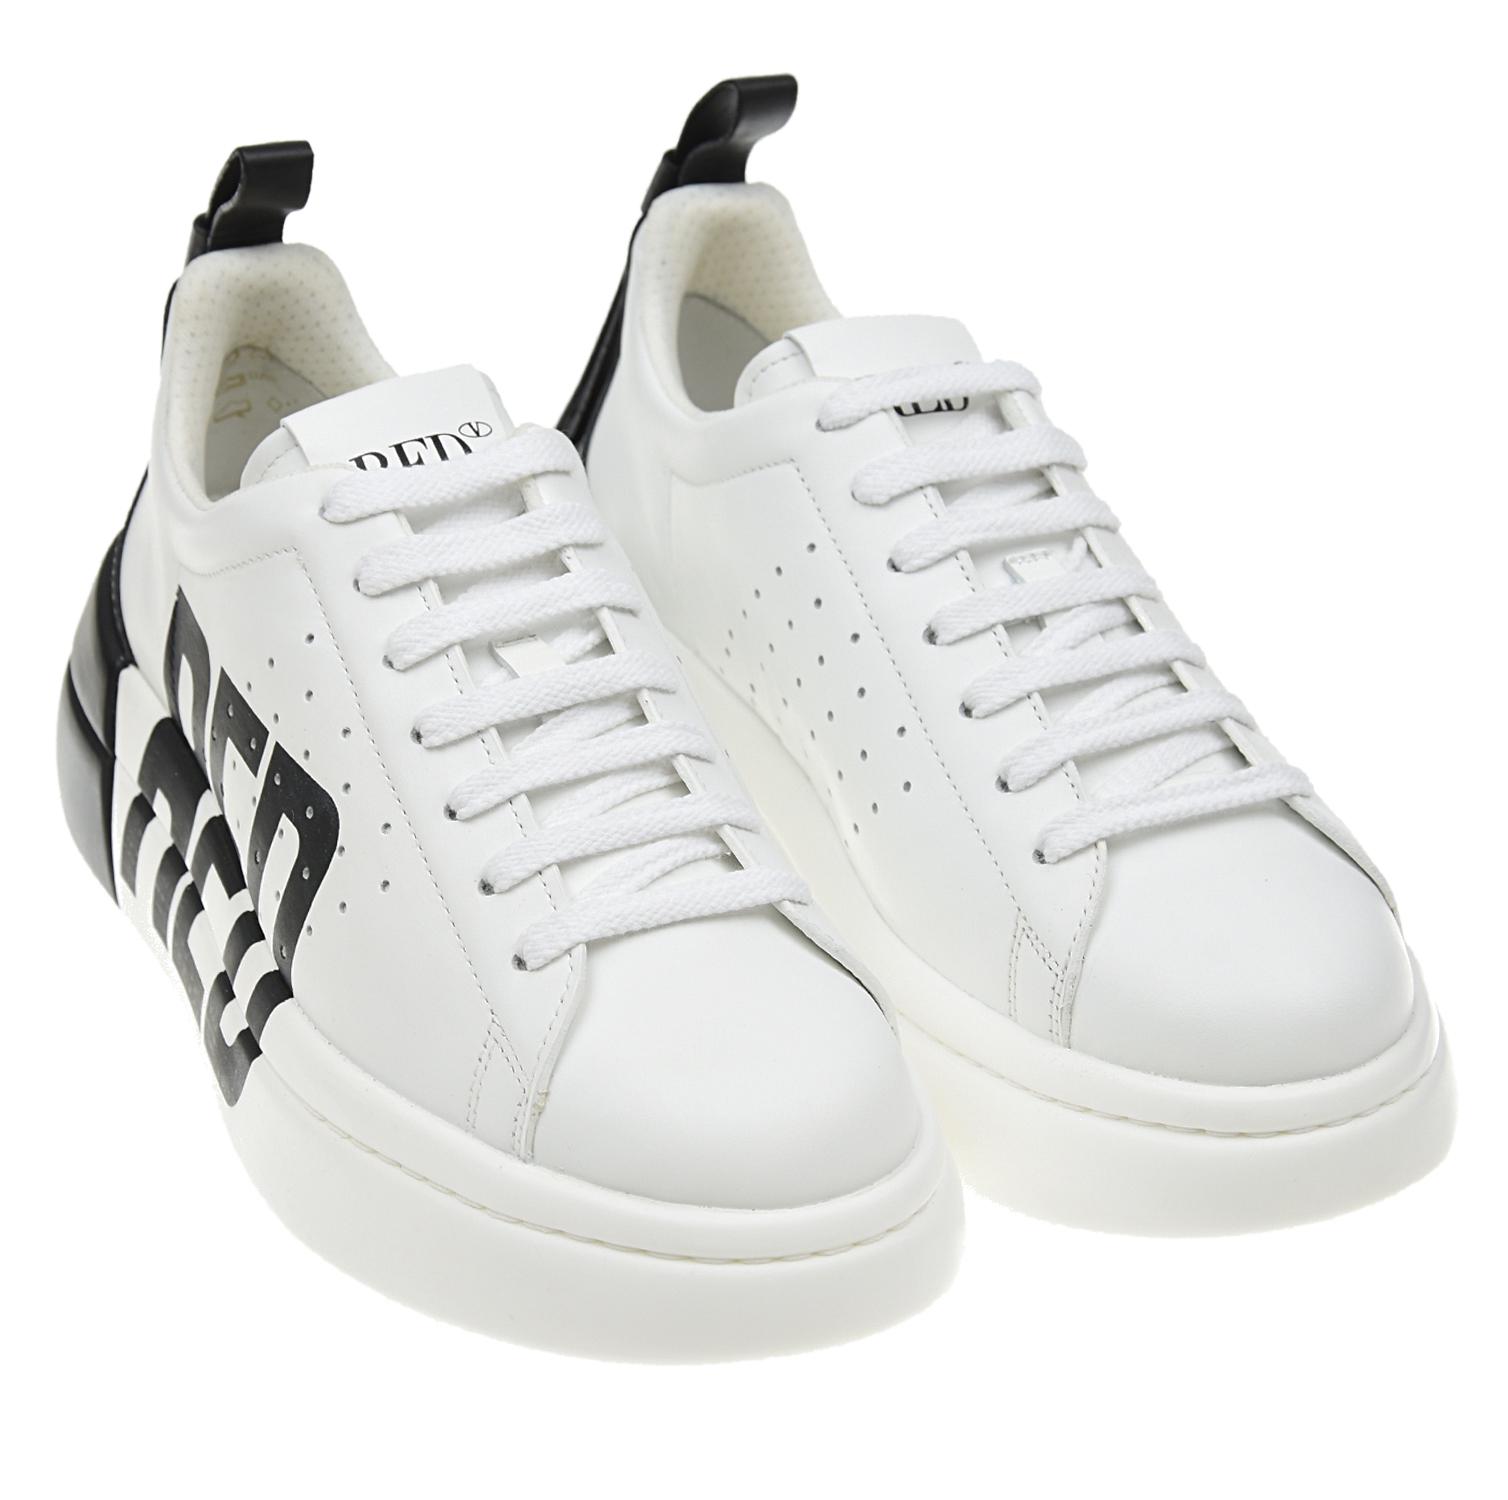 Купить Черно-белые кроссовки с контрастным логотипом Red Valentino, Белый, Верх:100%нат.кожа, Подкладка:100%полиэстер, 100%нат.кожа, Стелька:%3, Подошва:100%полиуретан